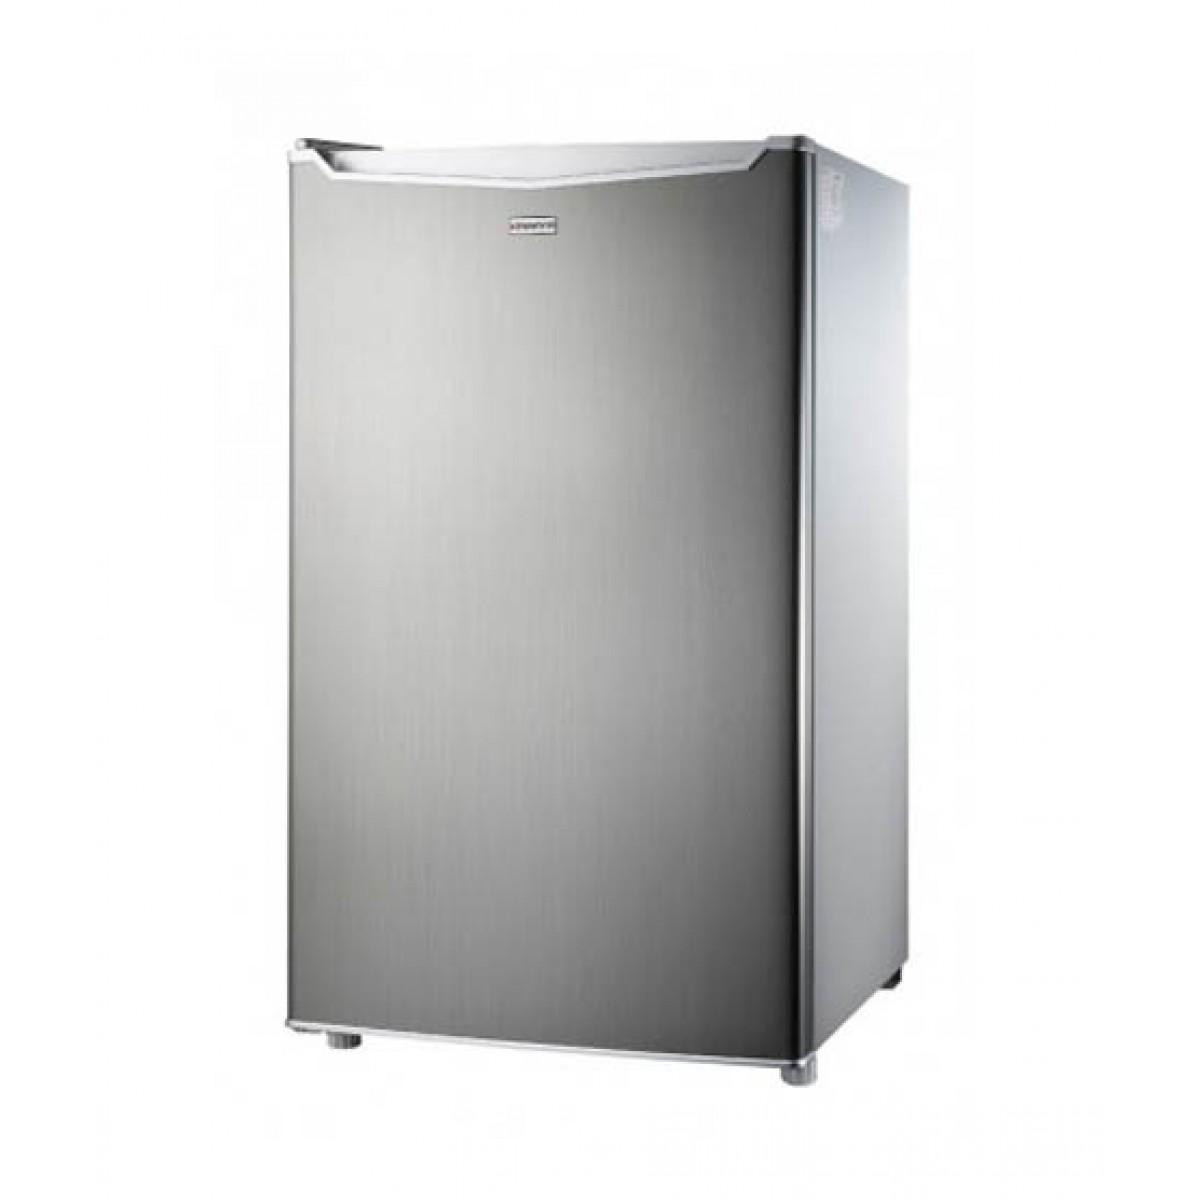 Kenwood Room Refrigerator Krf 132 Price In Pakistan Buy Kenwood